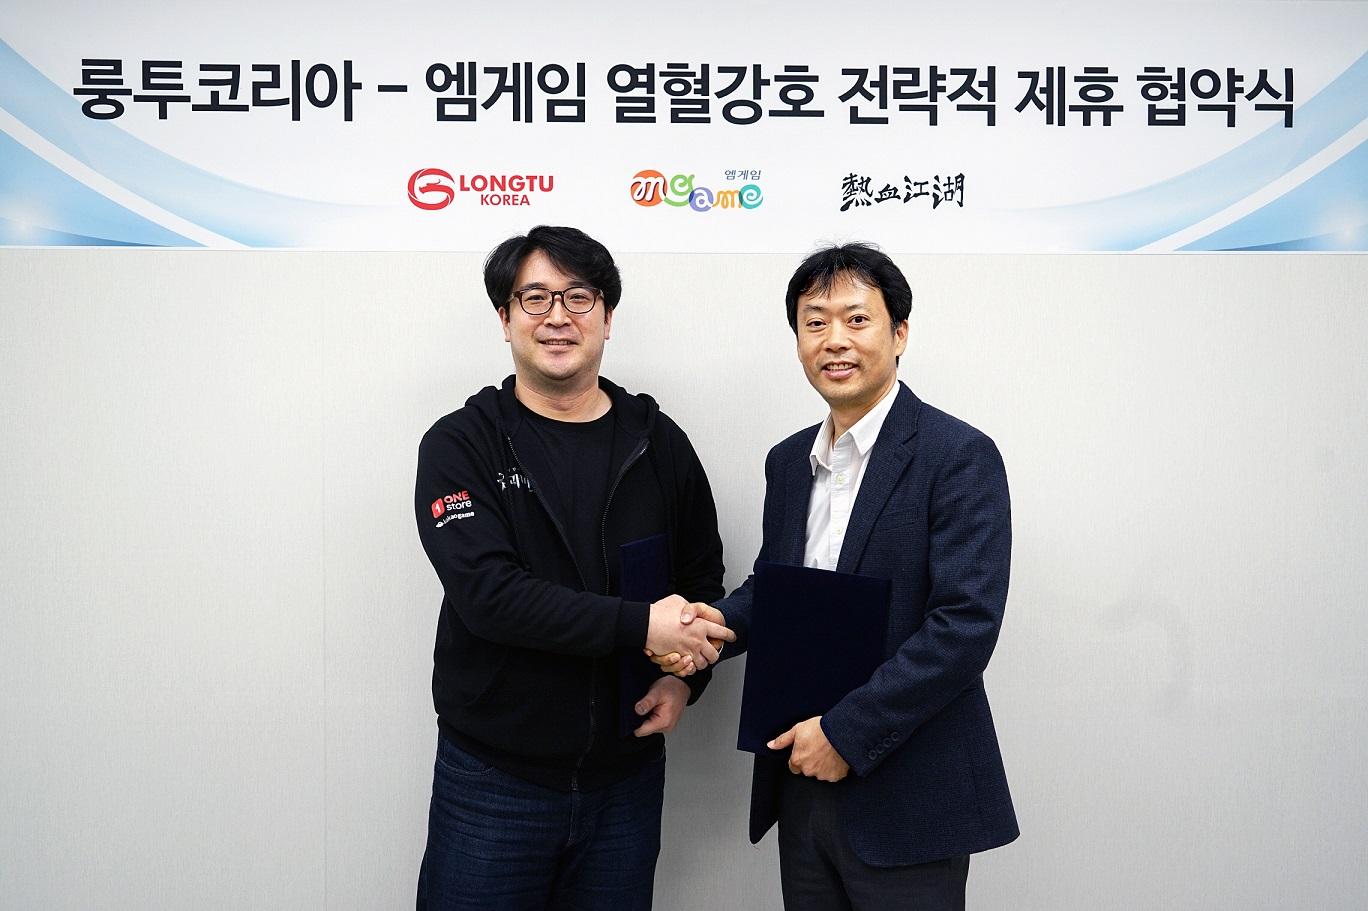 엠게임, 룽투코리아와 모바일 '열혈강호' 중화권 사업 협력키로